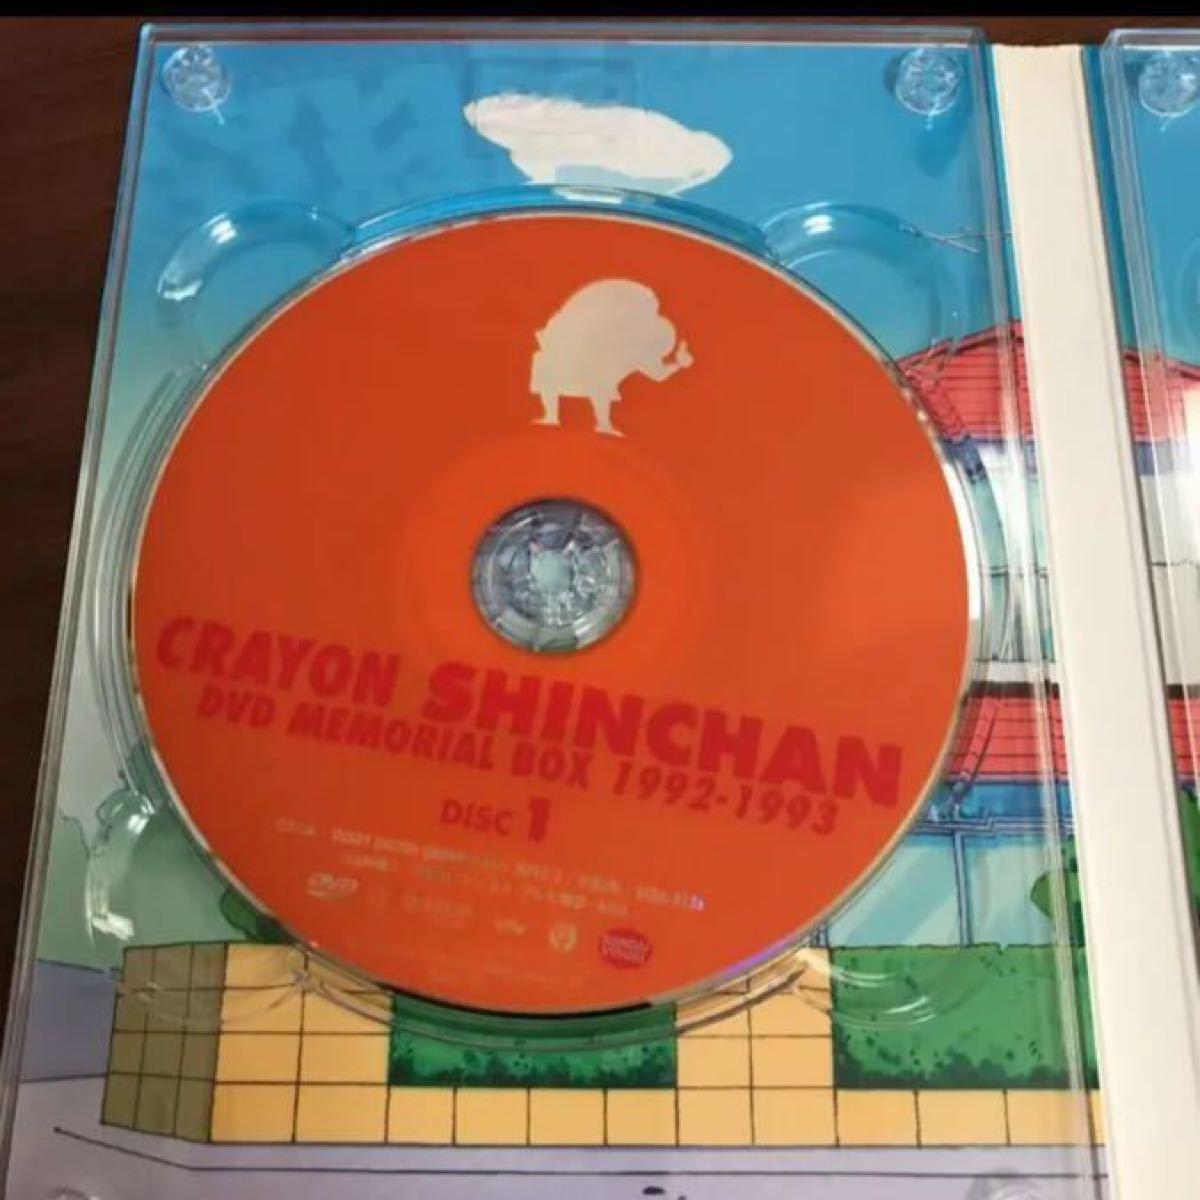 クレヨンしんちゃん DVDメモリアルボックス 限定生産版